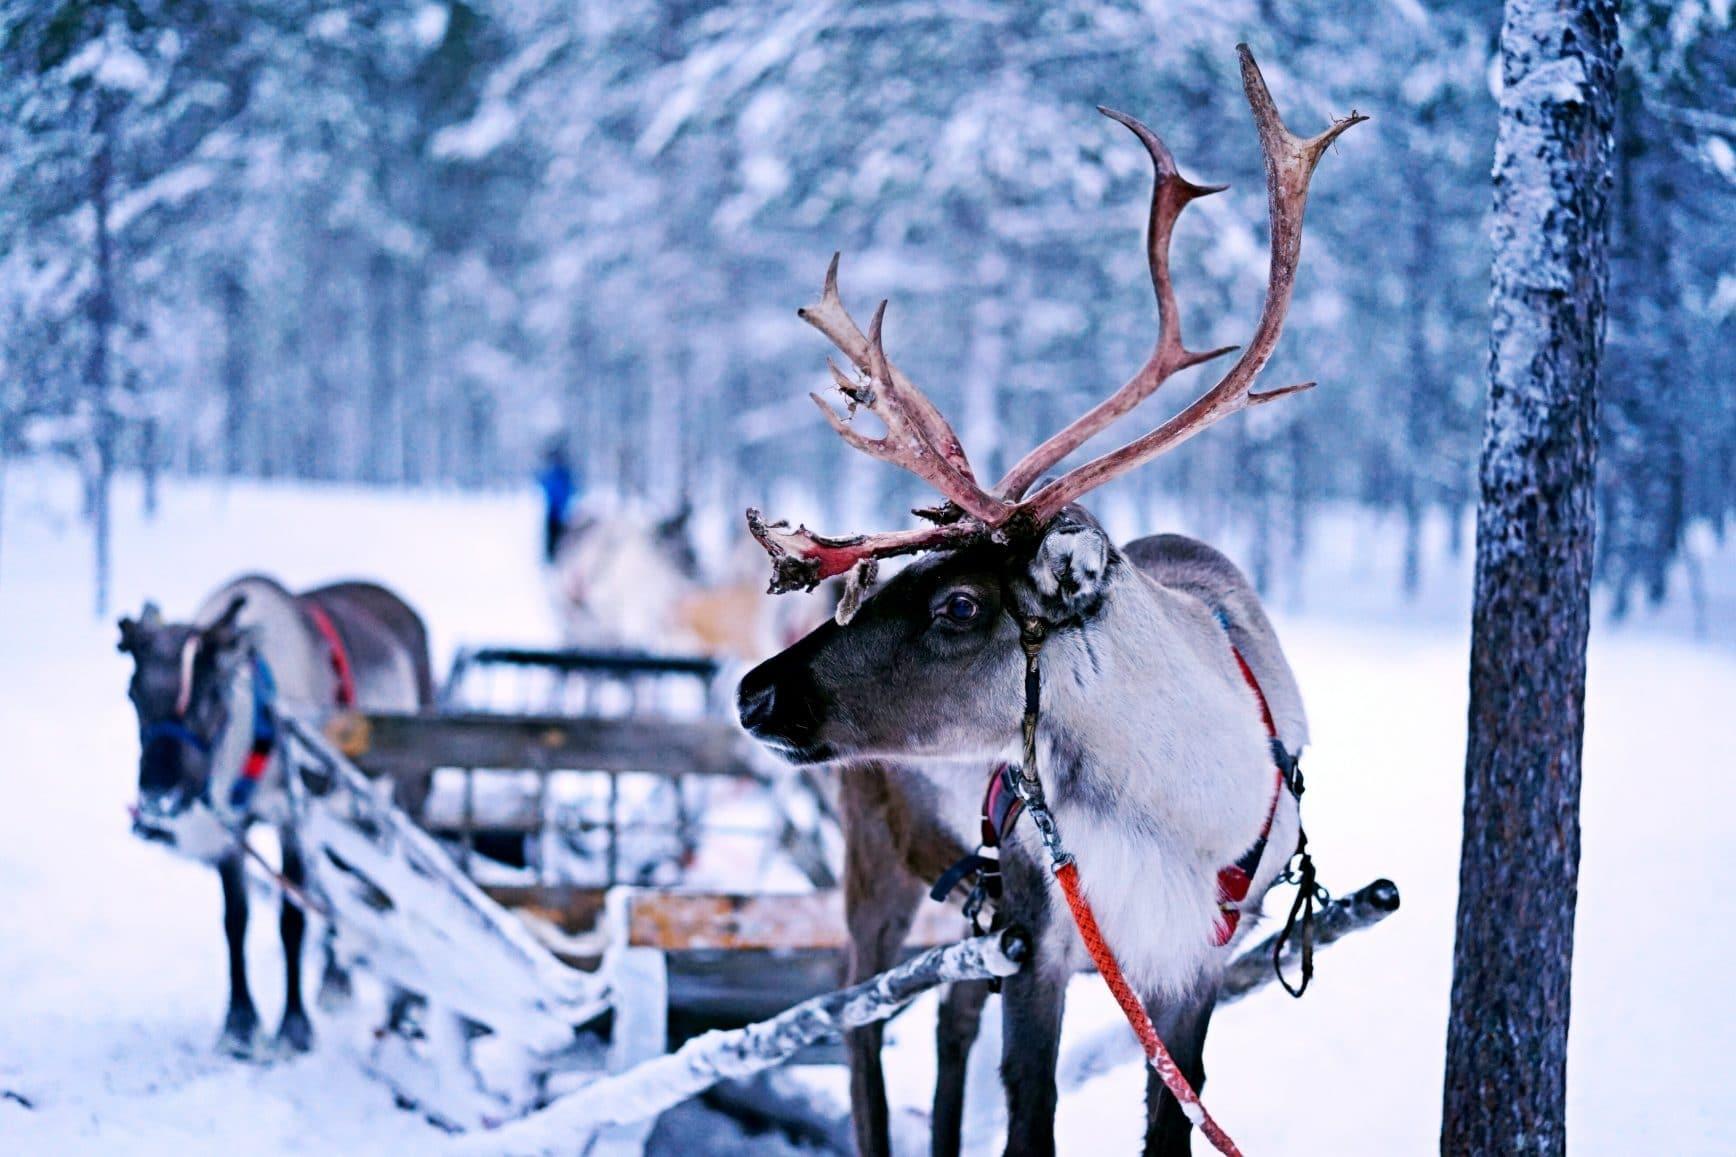 reindeer pulling sled